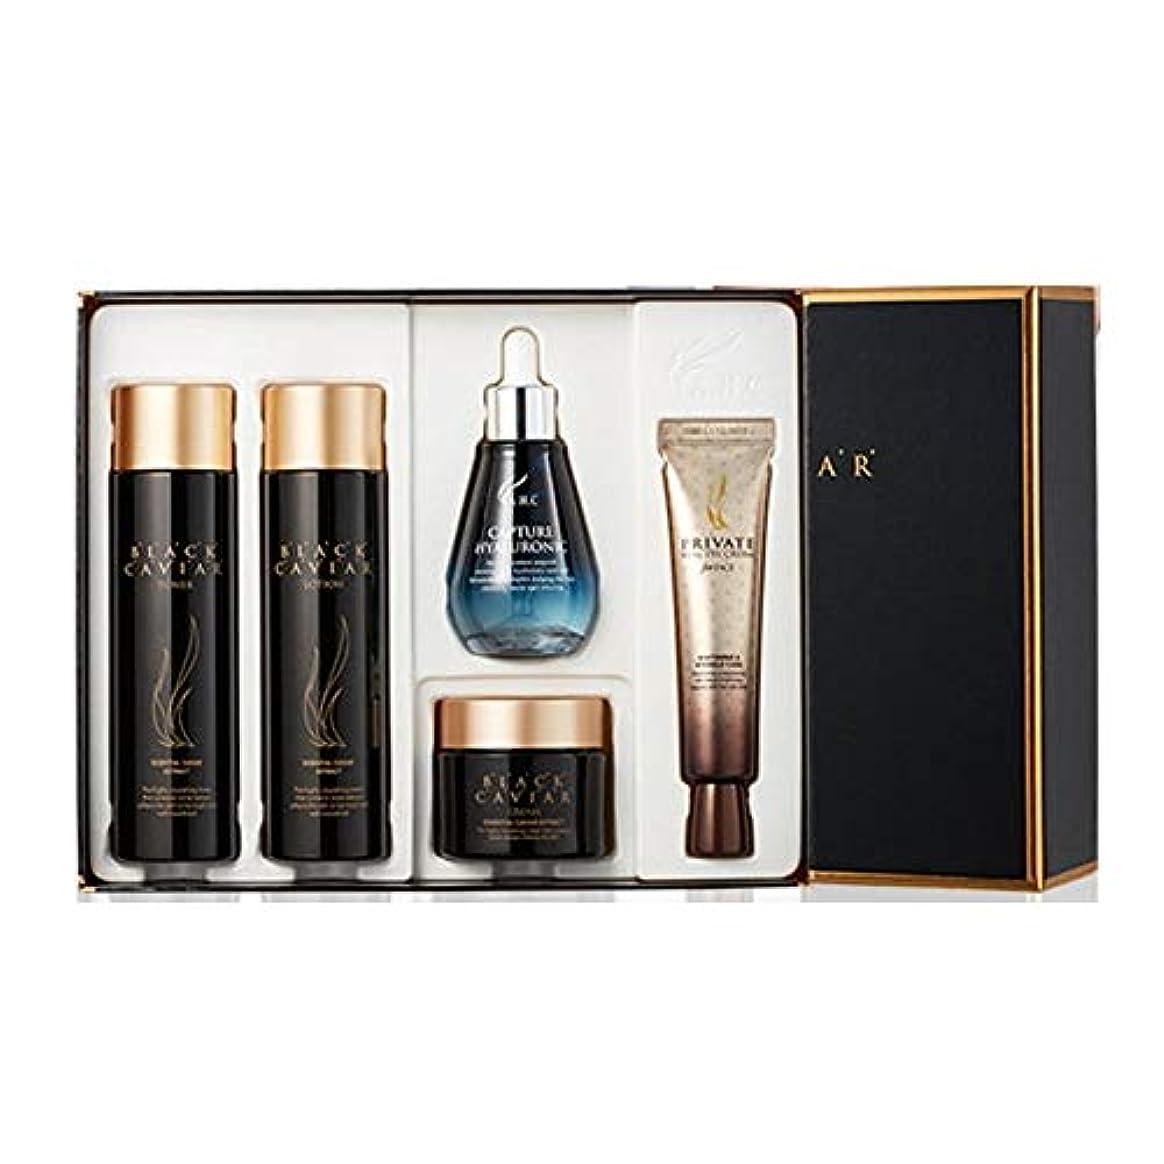 モノグラフ馬鹿学習AHCブラックキャビアスキンケアセットトナーローションクリームアイクリームアンプル、AHC Black Caviar Skincare Set Toner Lotion Cream Eye Cream Ampoule [...